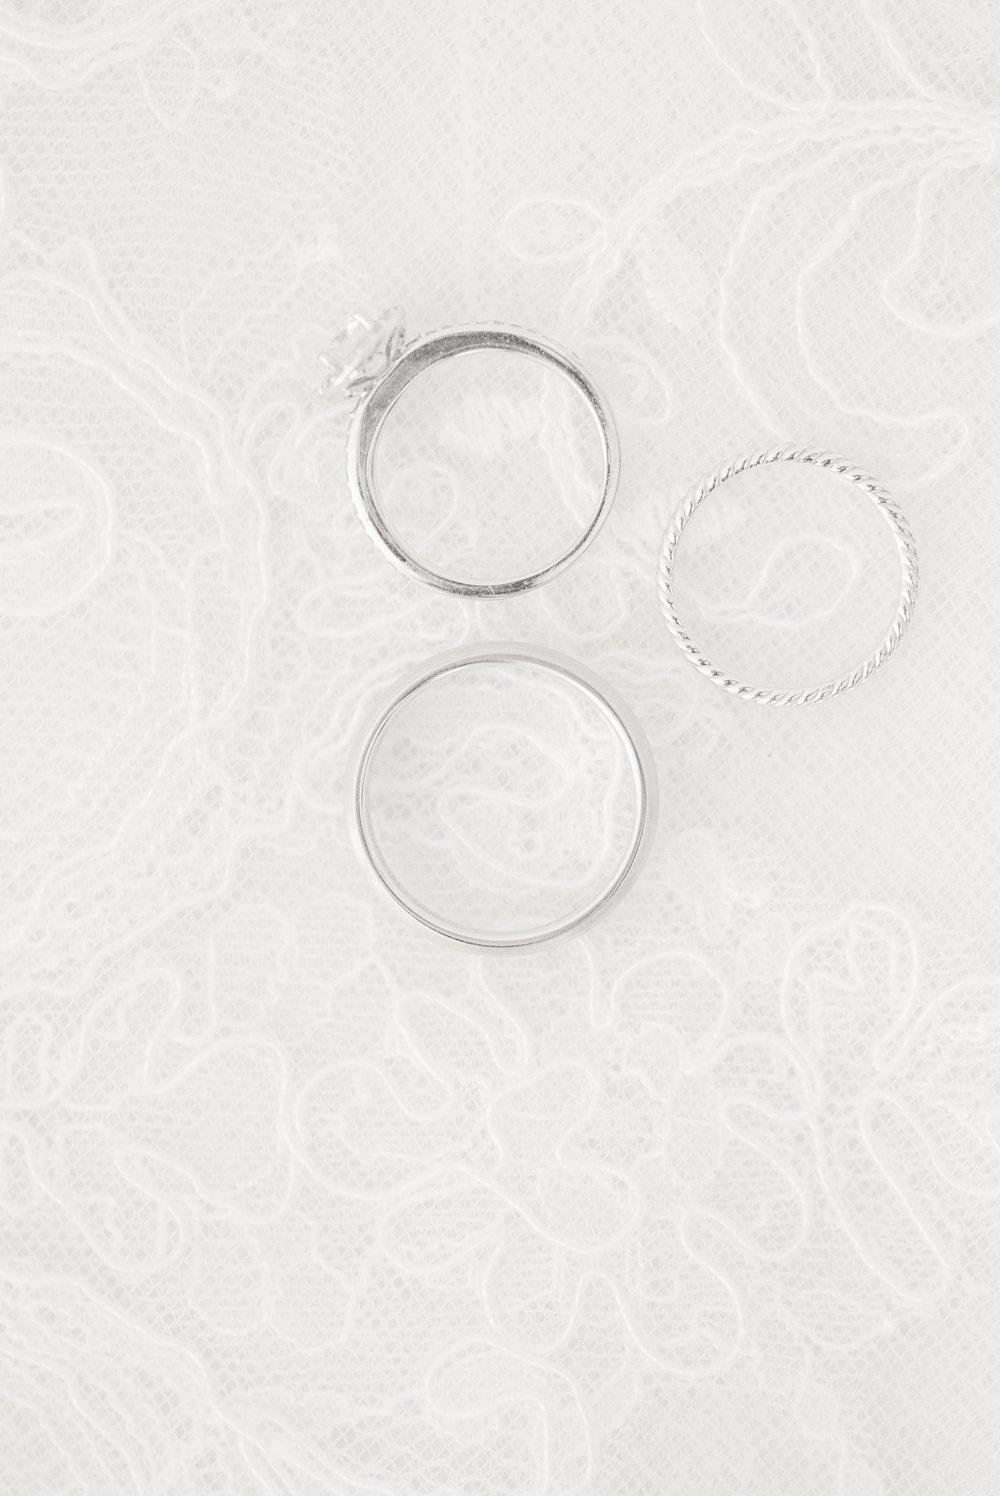 cotton-market-summer-wedding 9.jpg